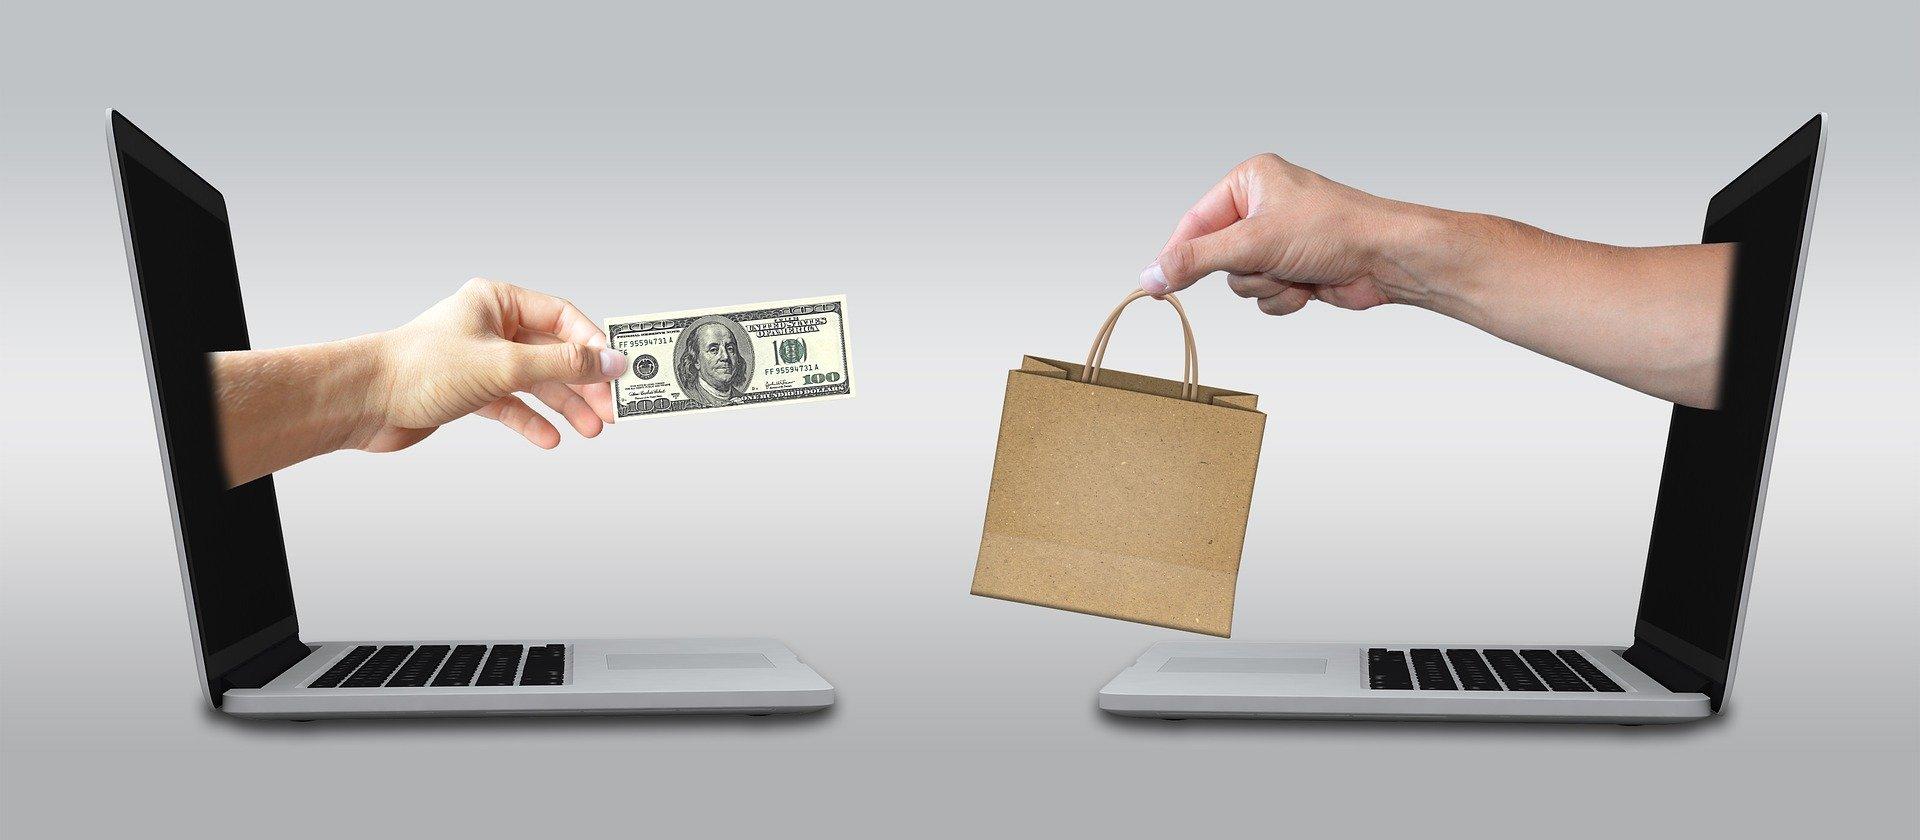 ขายสินค้าออนไลน์ทำไมต้องทราบ! Social Commerce หลายคนยังไม่ทราบ